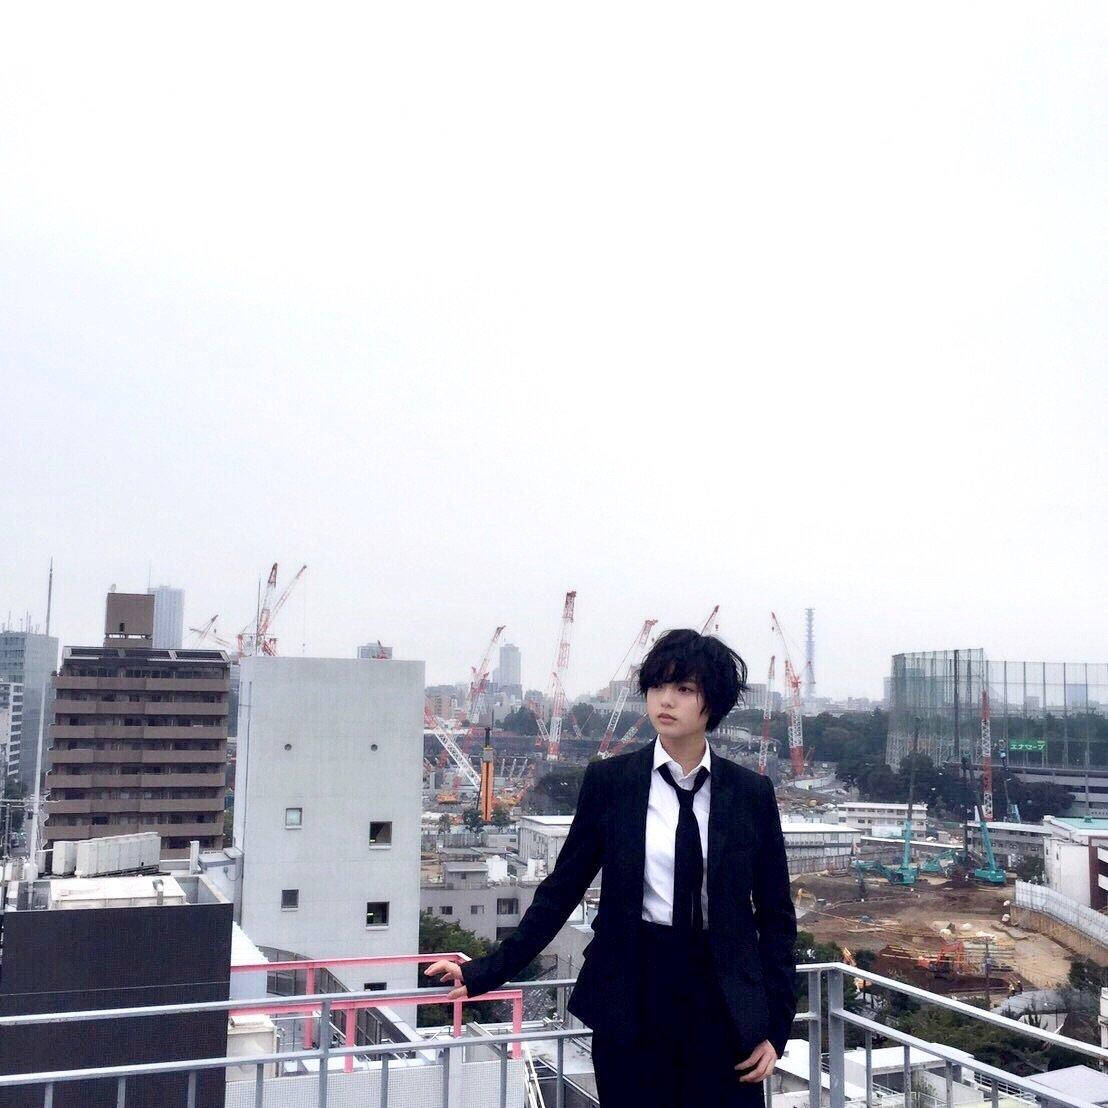 本日10月30日(月)発売の「ROCKIN'ON JAPAN 2017年12月号」に平手友梨奈の撮り下ろし写真とインタビュー「独白」が掲載されています‼️ ぜひチェックしてみてください✨ #欅坂46